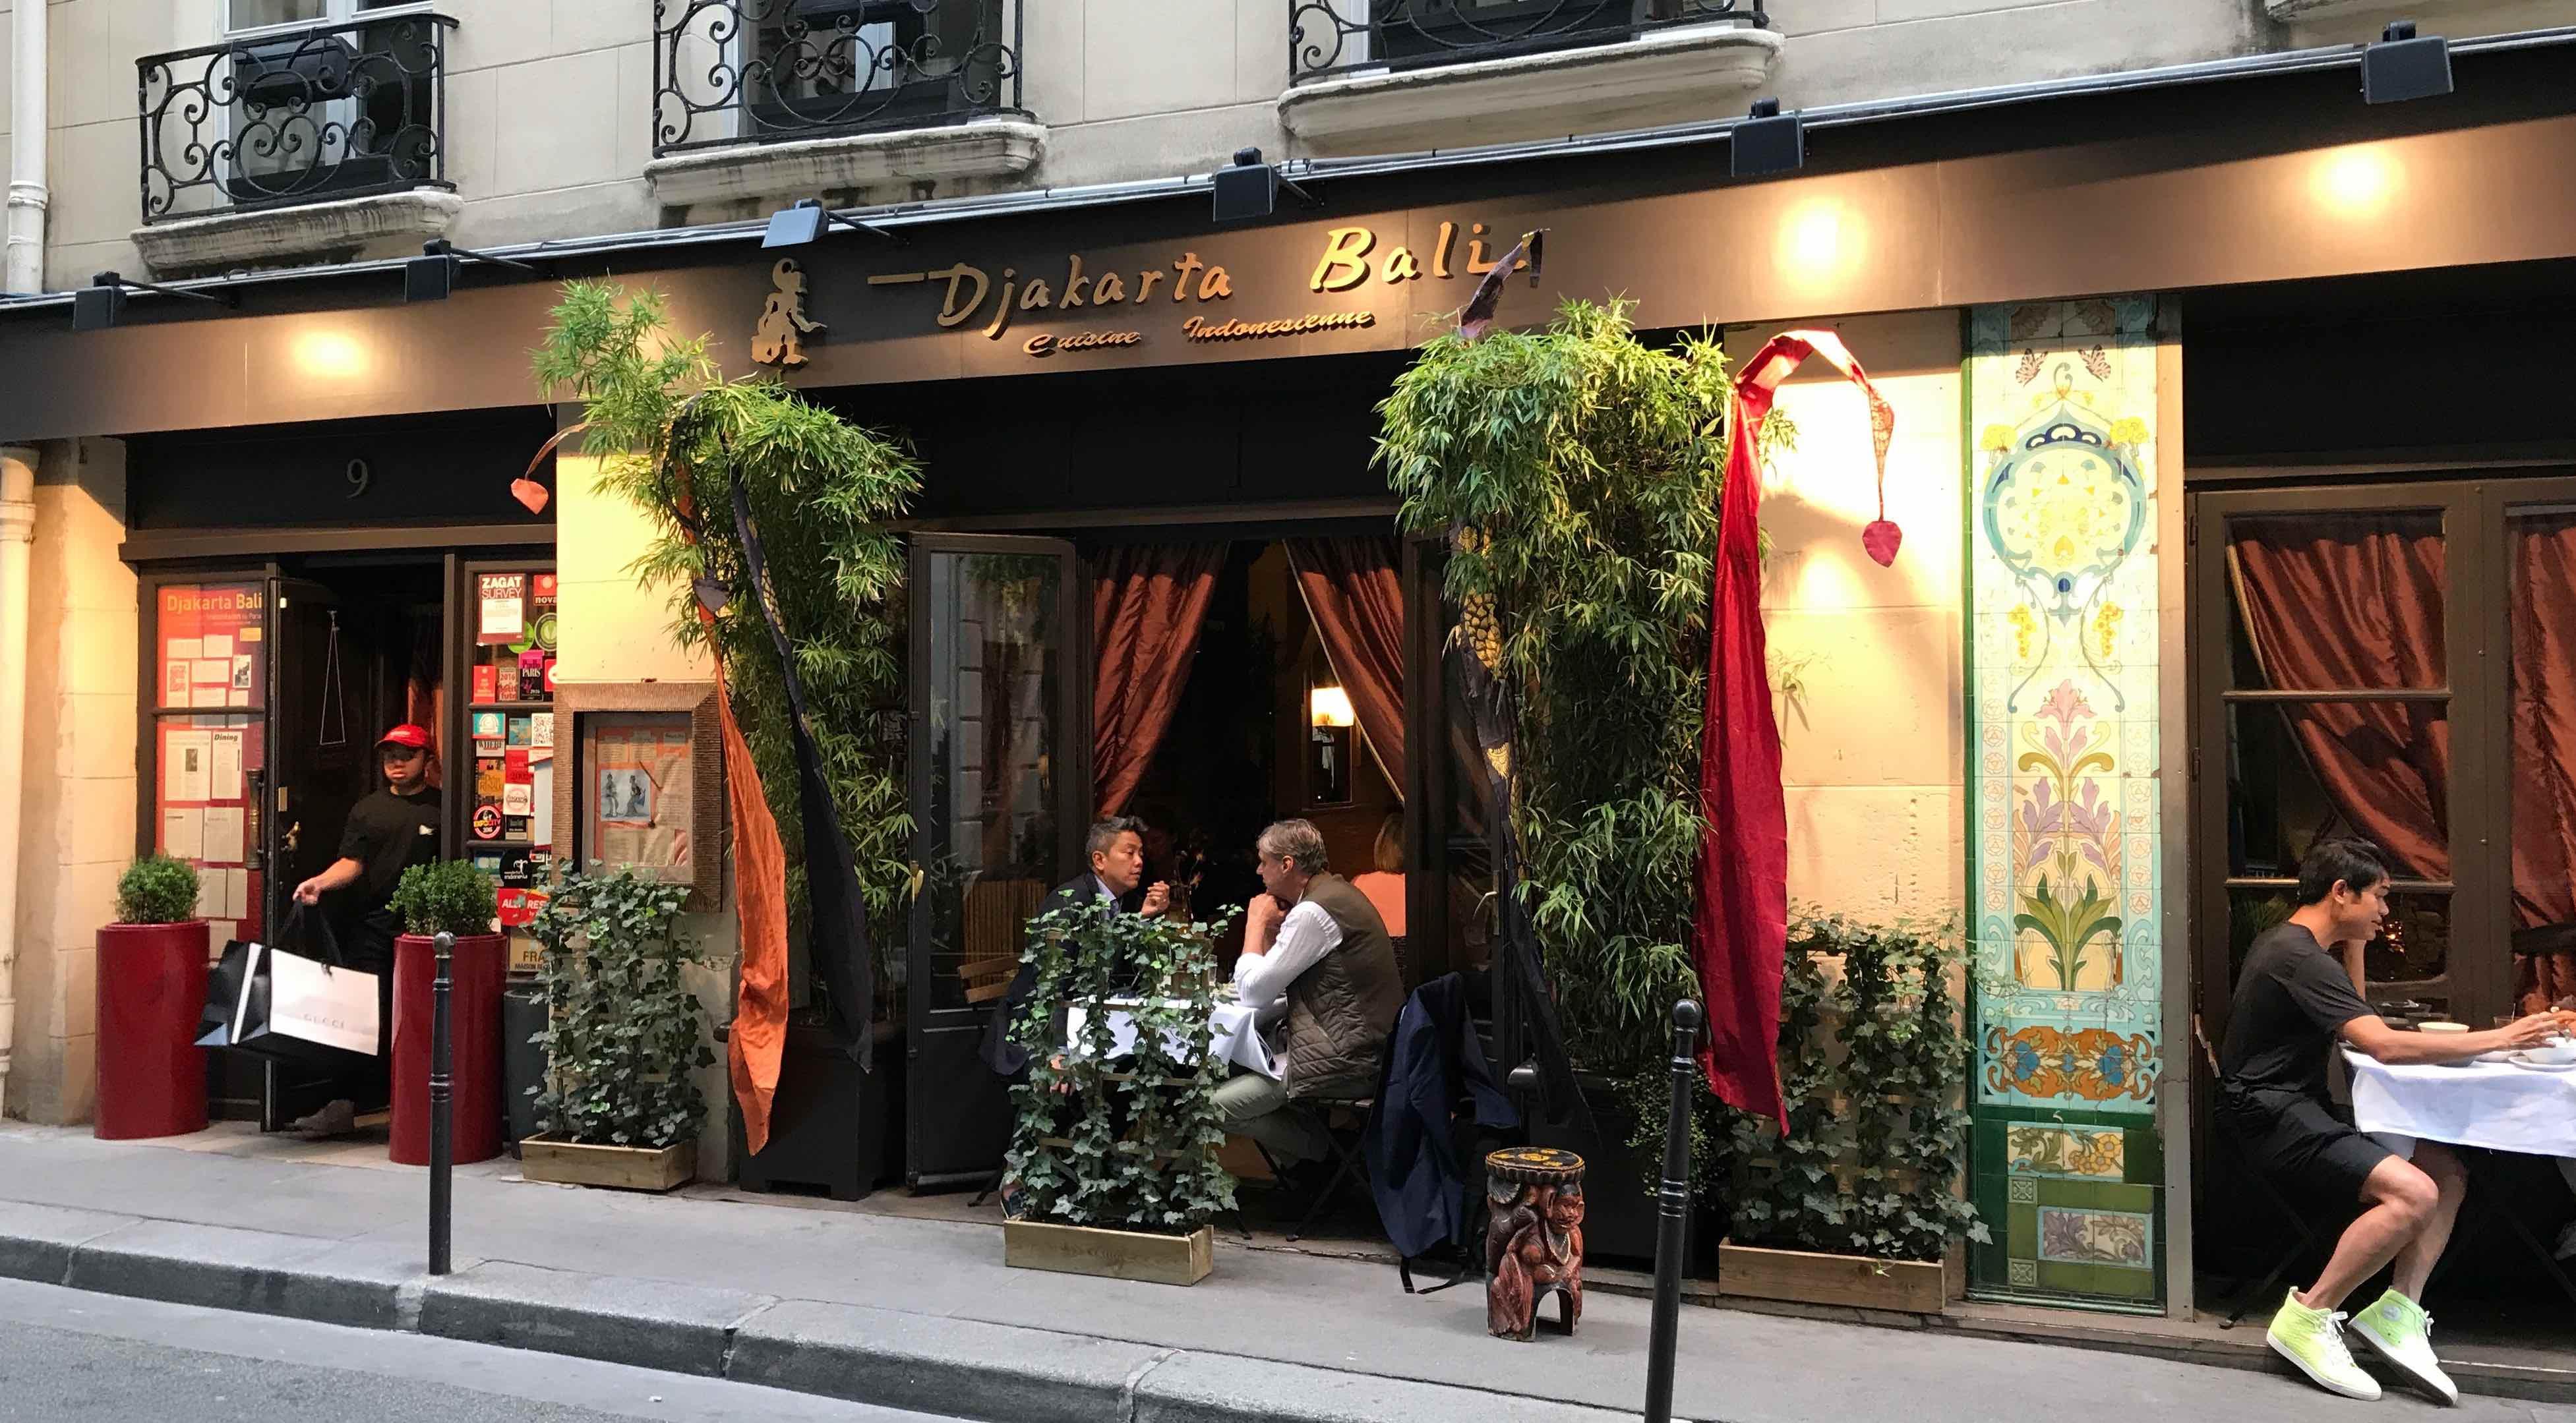 djakarta-bali-paris-la-revue-y-0